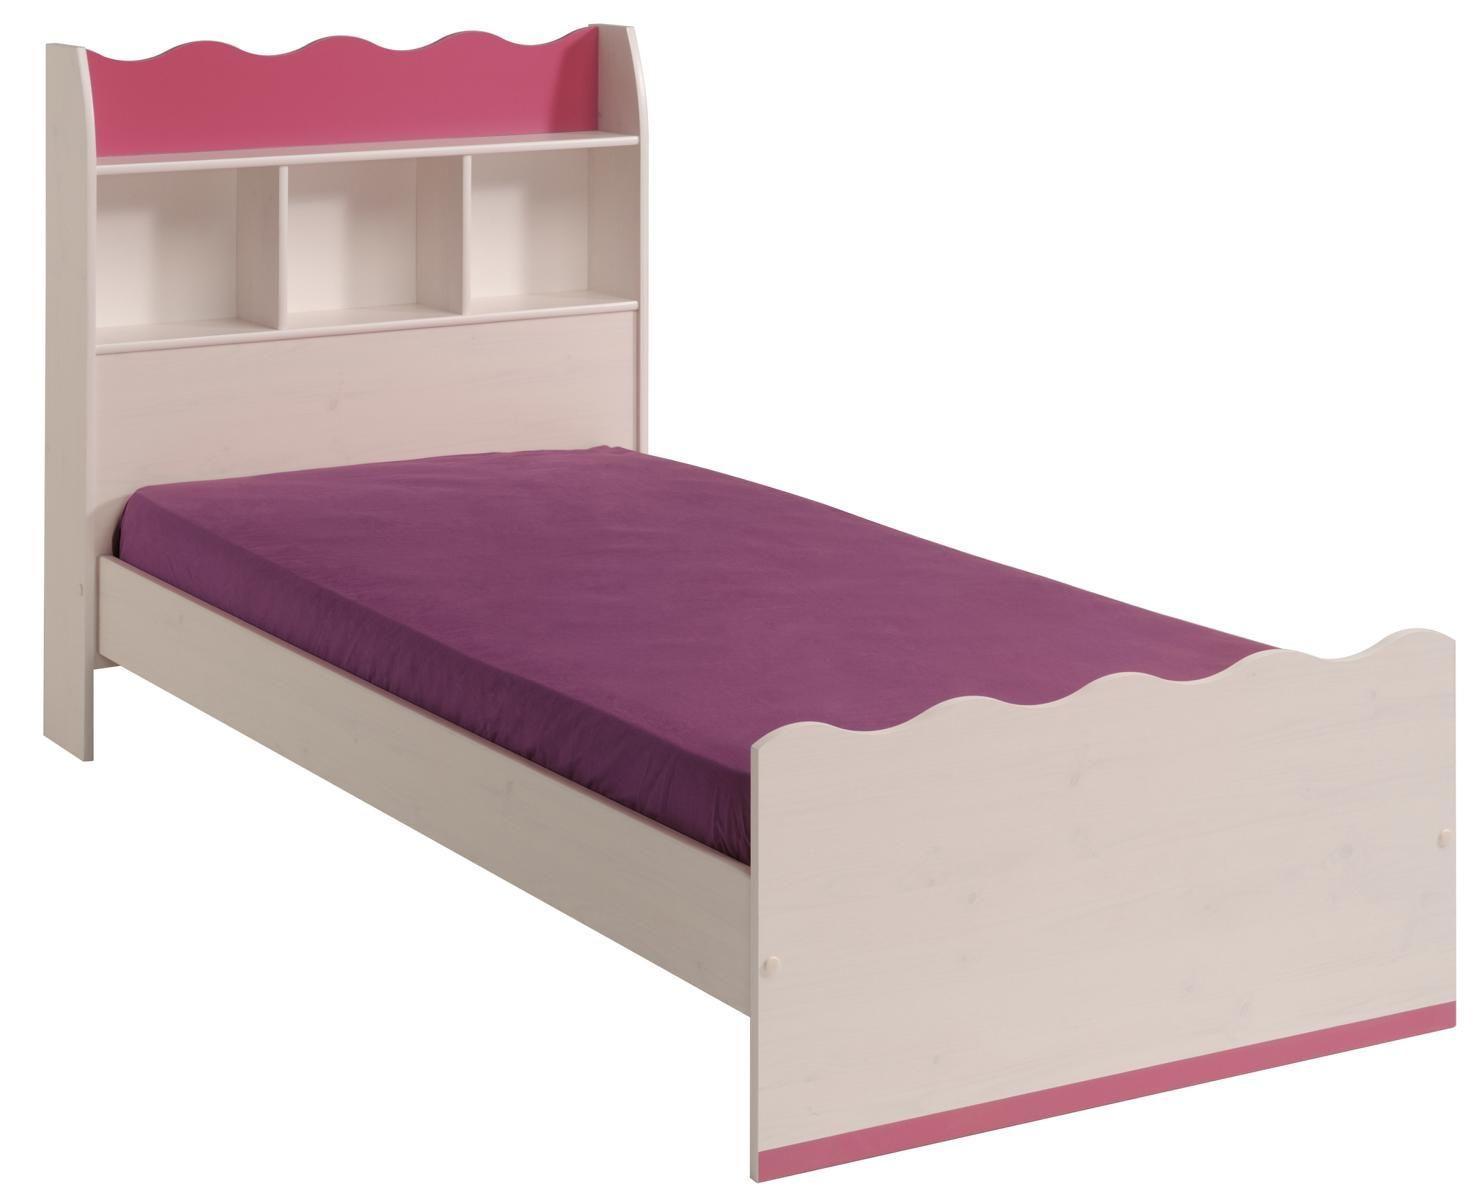 Kinderbett Lilou Ein Kleiner Möbeltraum Für Mädchen Ist Ganz